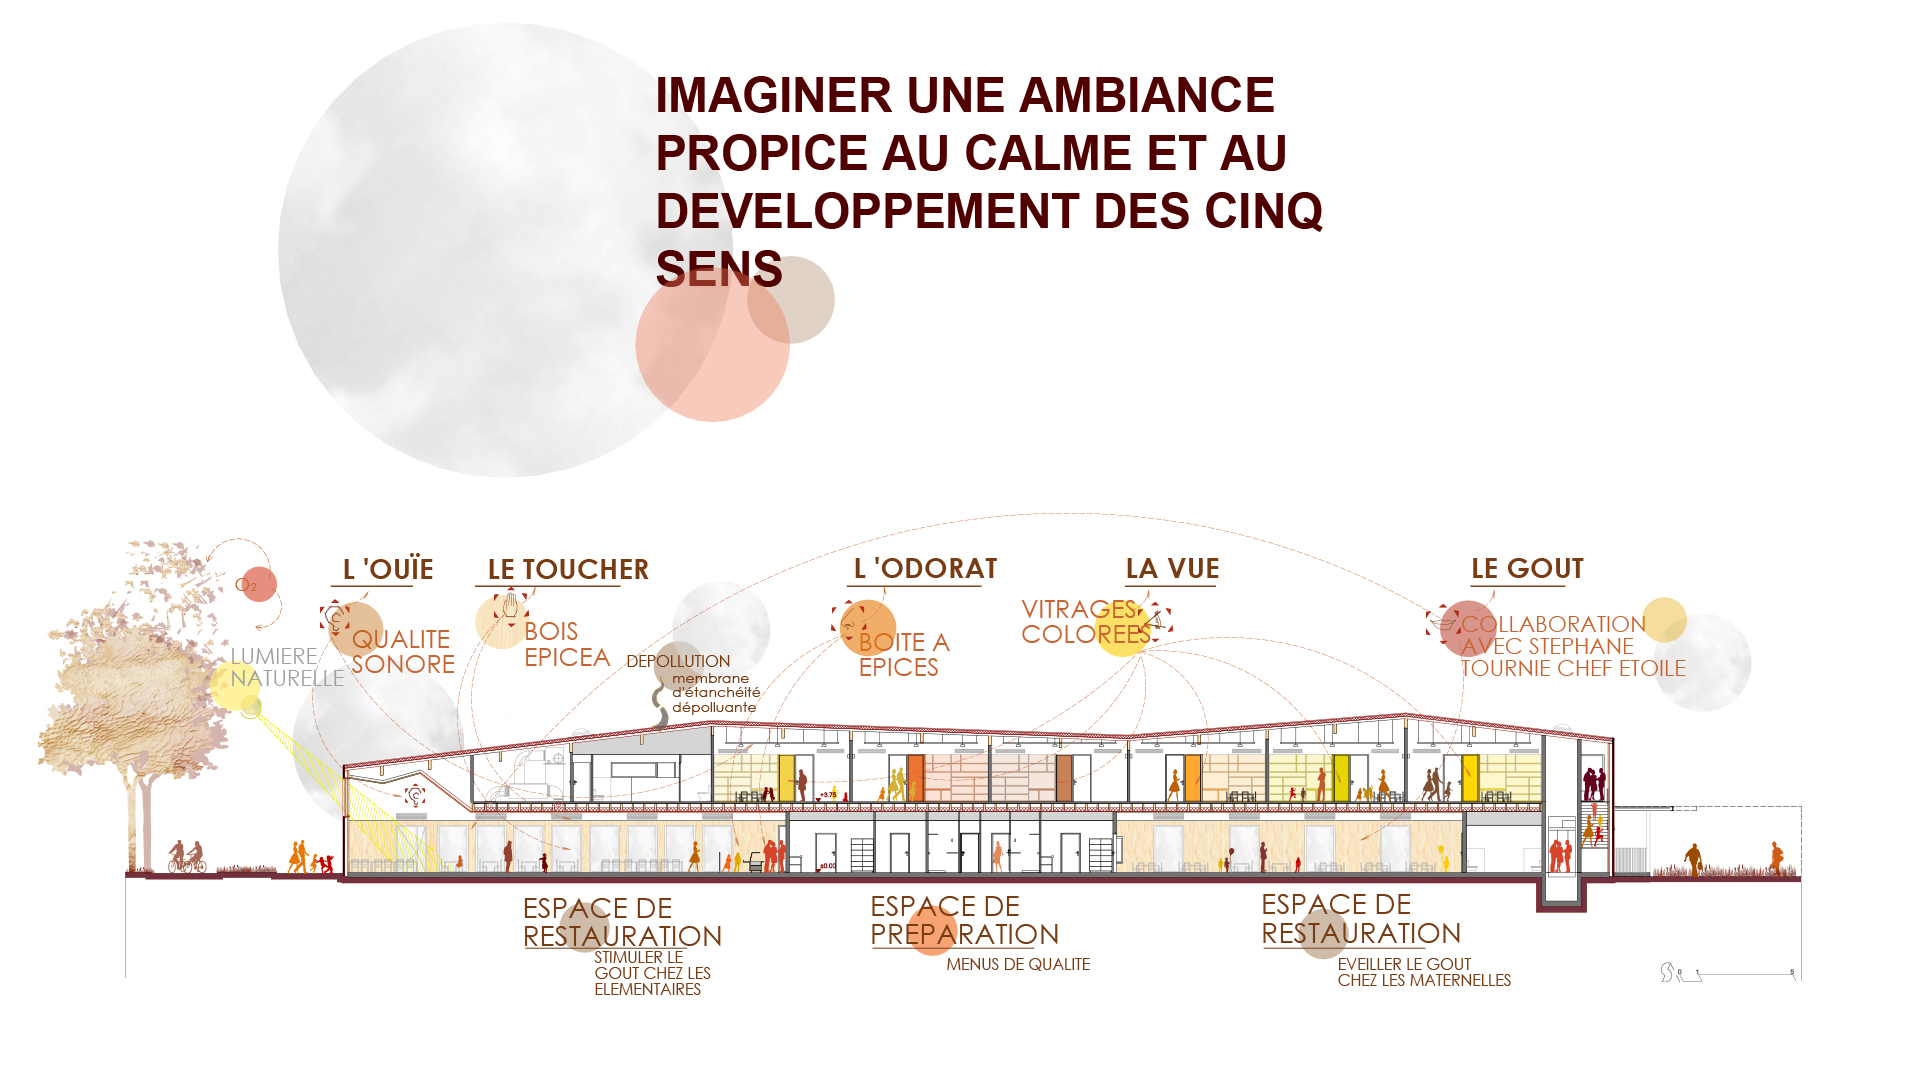 Infographie - Coupe bioclimatique et 5 sens - Groupe scolaire Falcucci, Toulouse - Seuil architecture